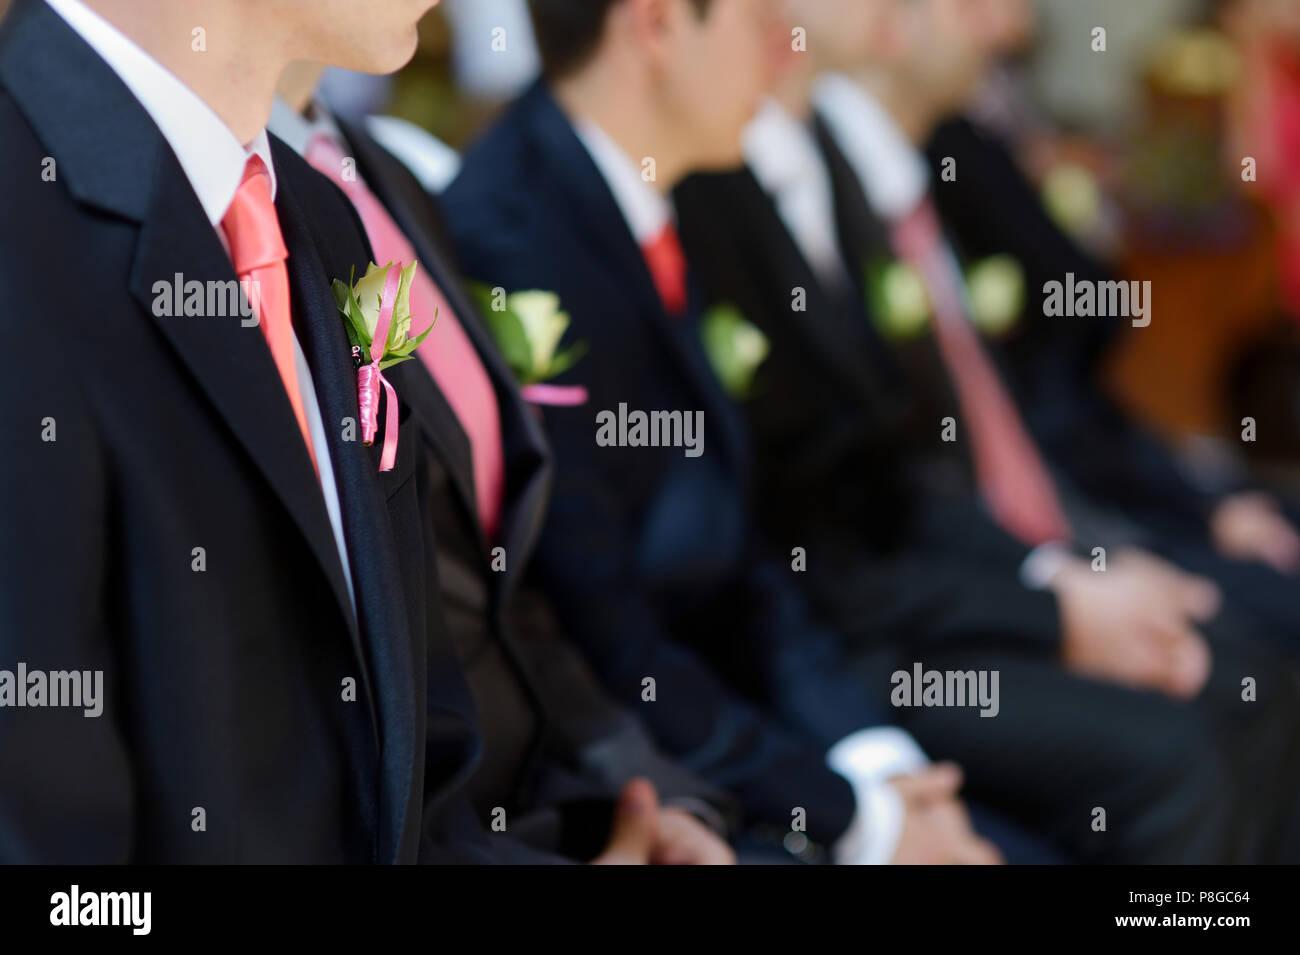 Hochzeit Anstecker Auf Anzug Jacke Der Brautigam Mann Stockfoto